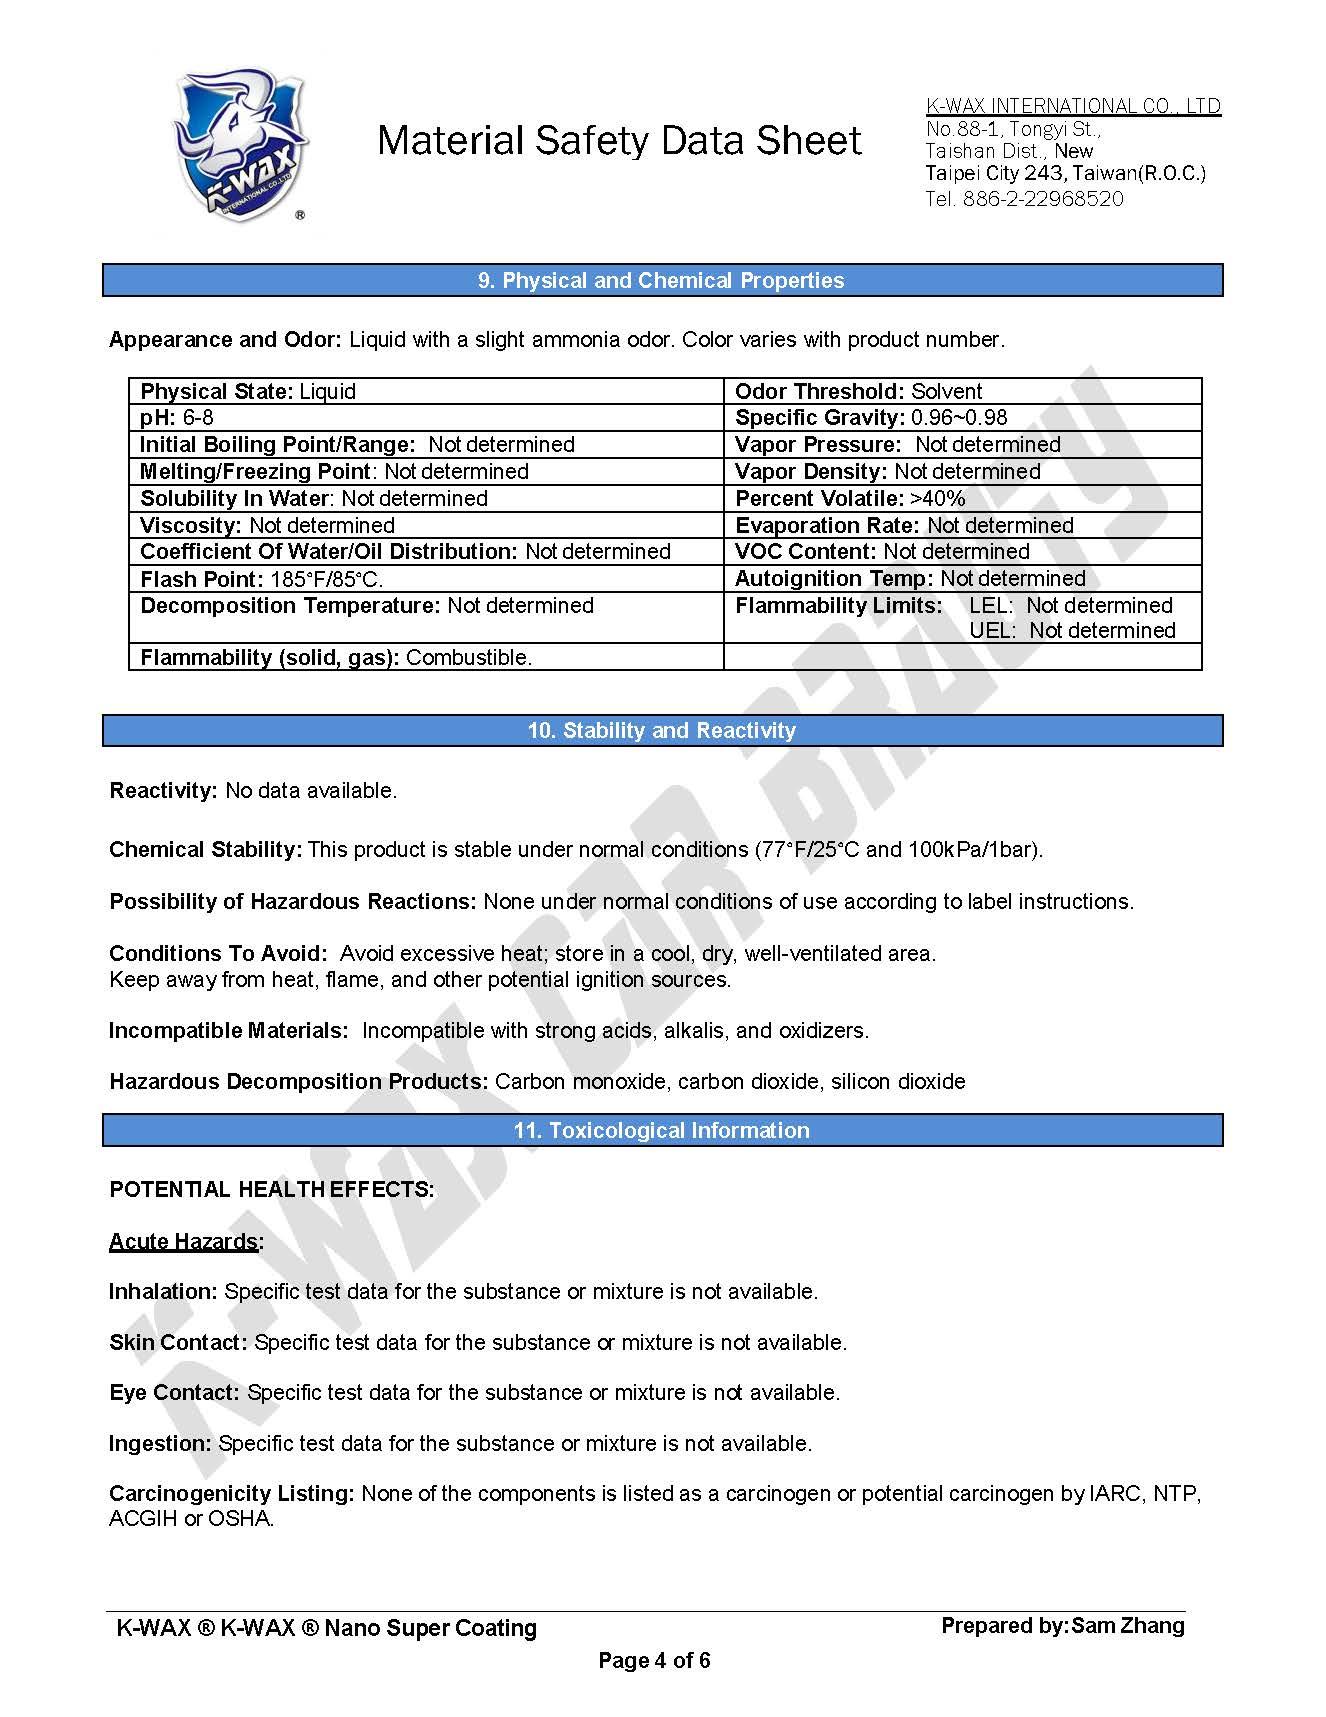 漆面結晶鍍膜 MSDS_页面_4.jpg